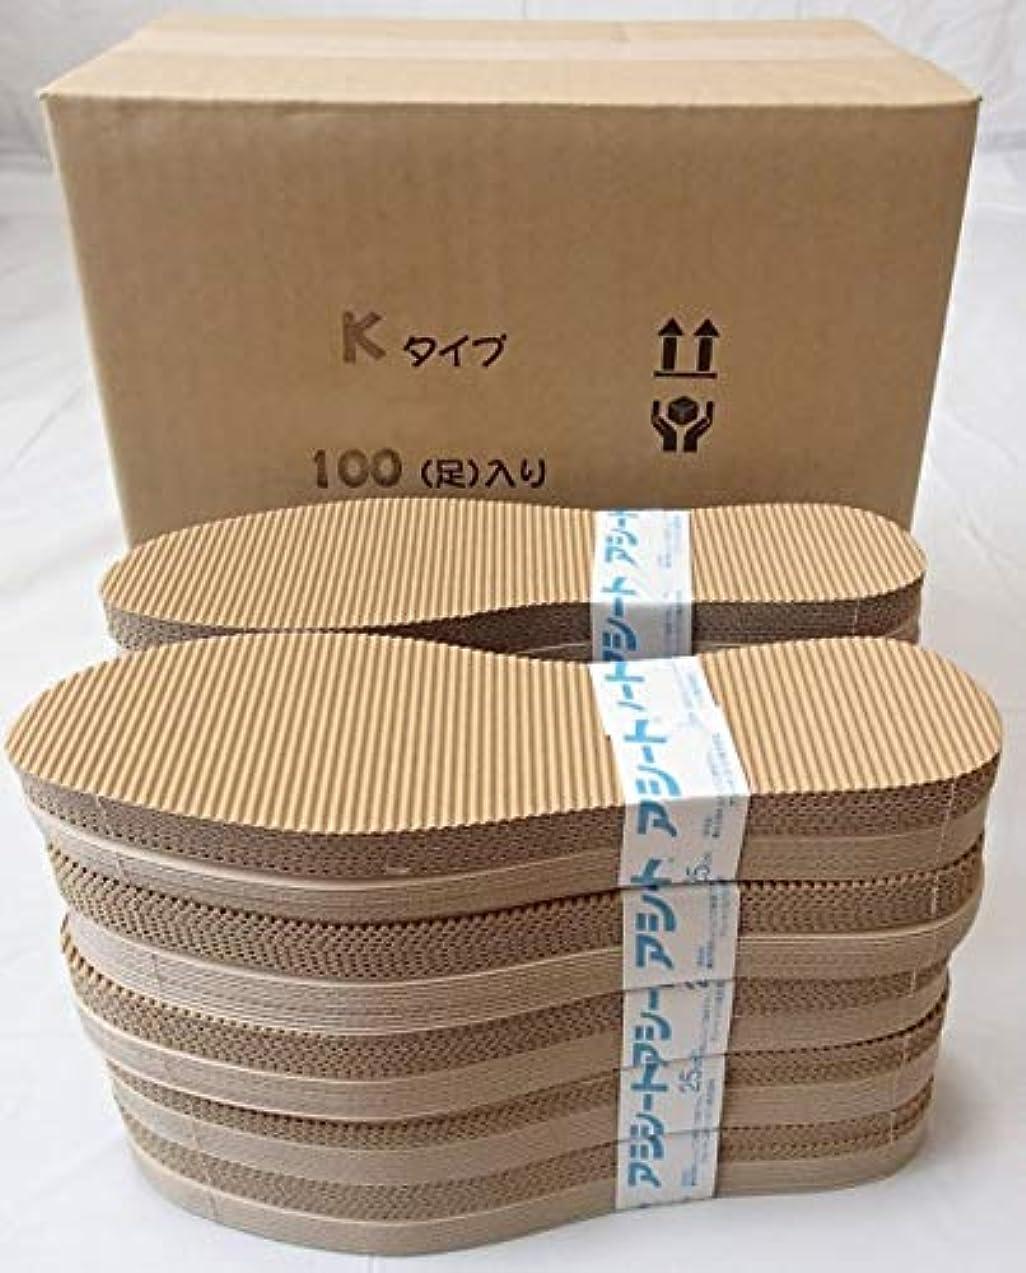 ジョリーお客様走るアシートKタイプお得用パック100足入り (22.5~23.0cm)